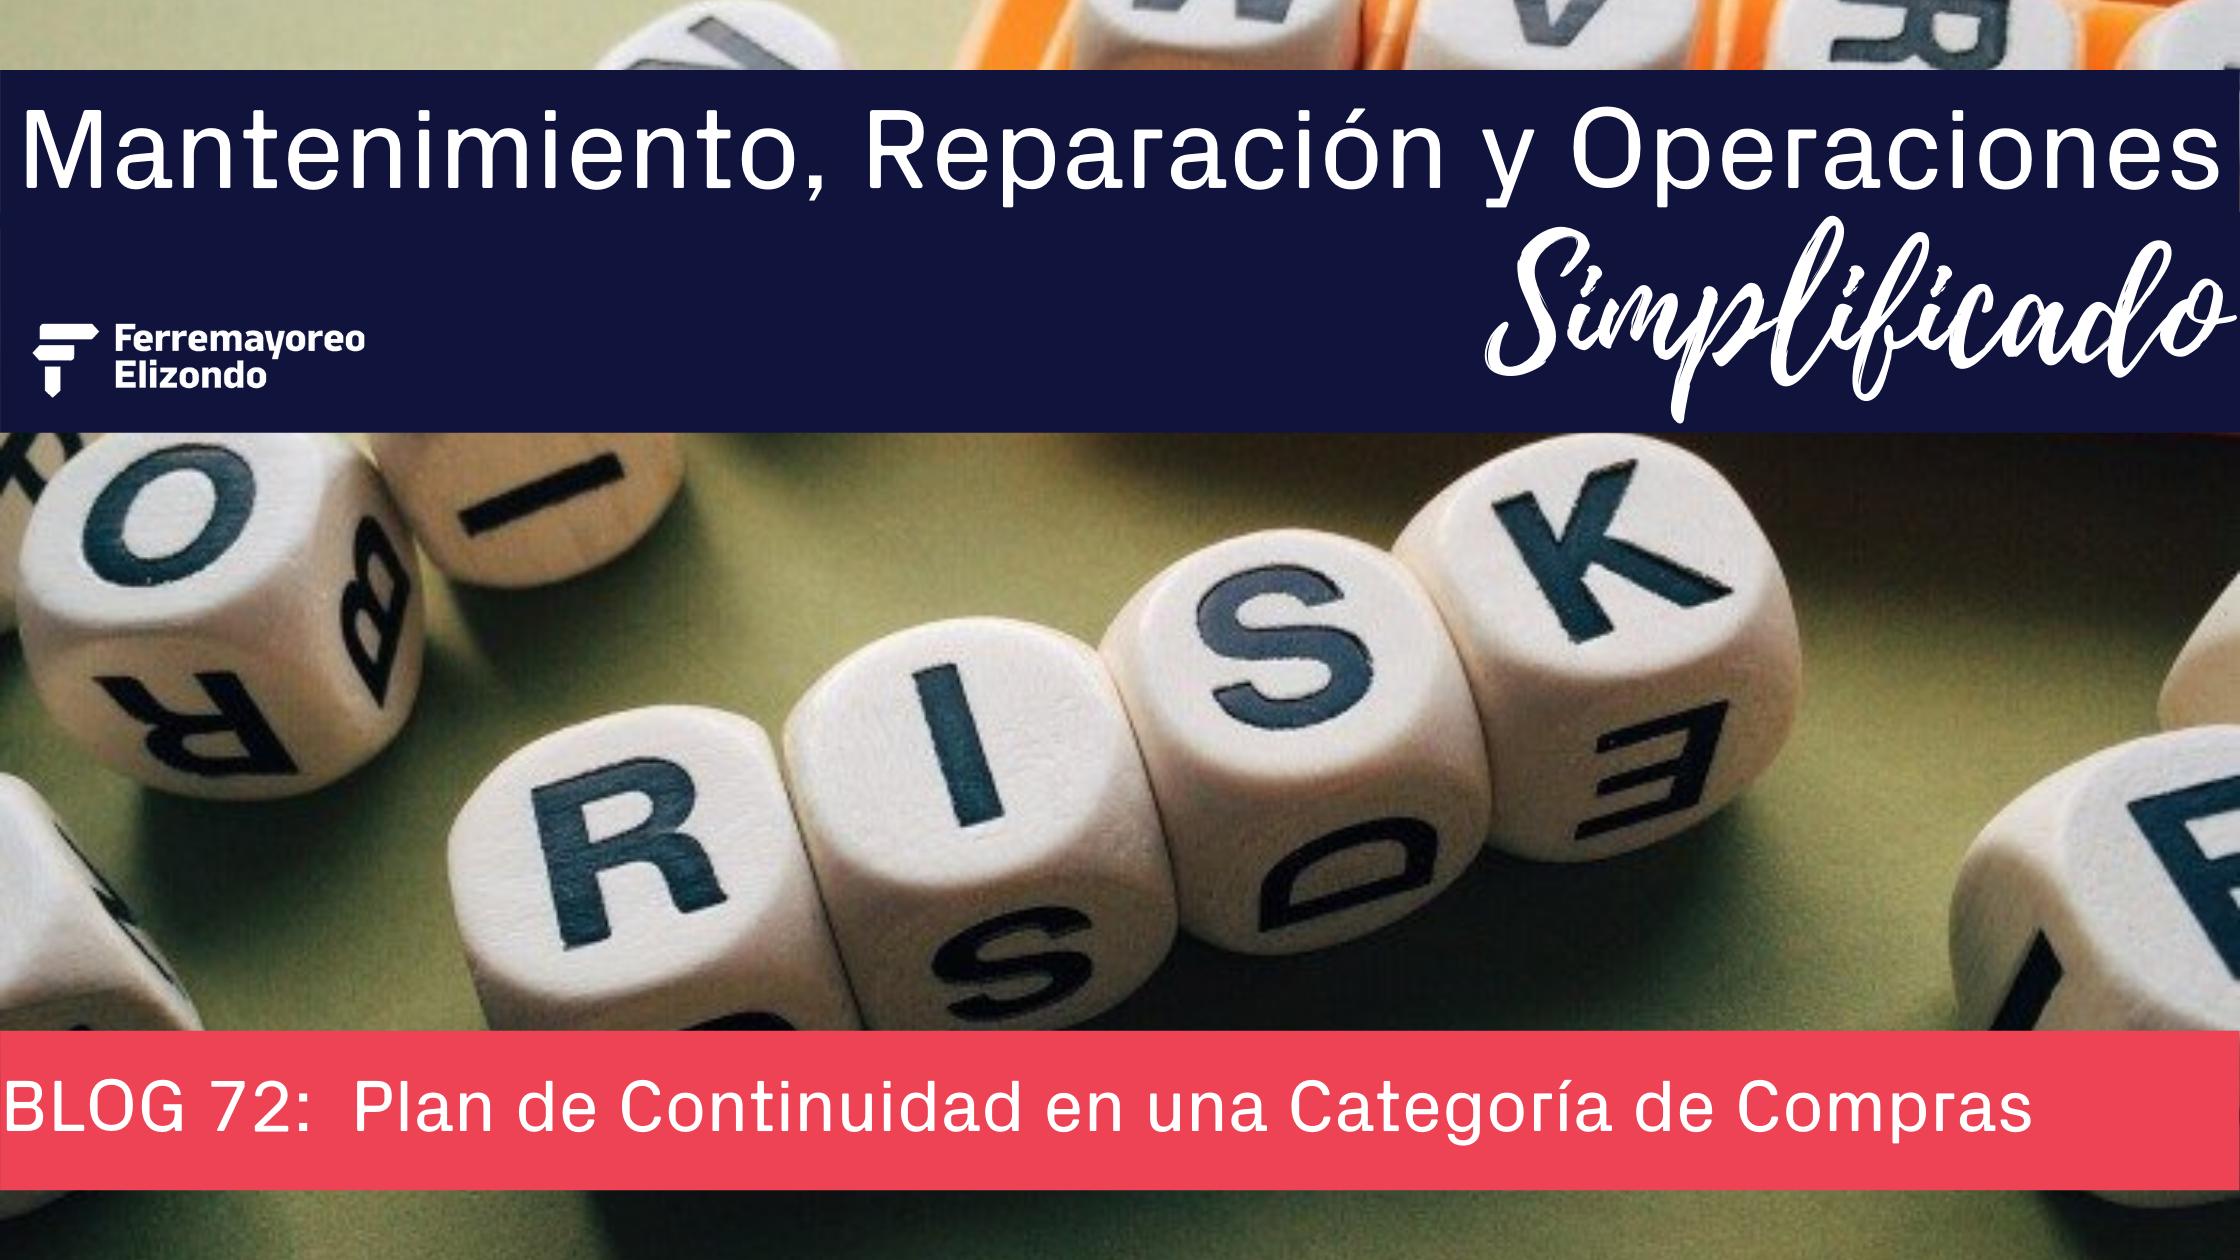 MRO Simplificado: Plan de Continuidad en una Categoría de Compras